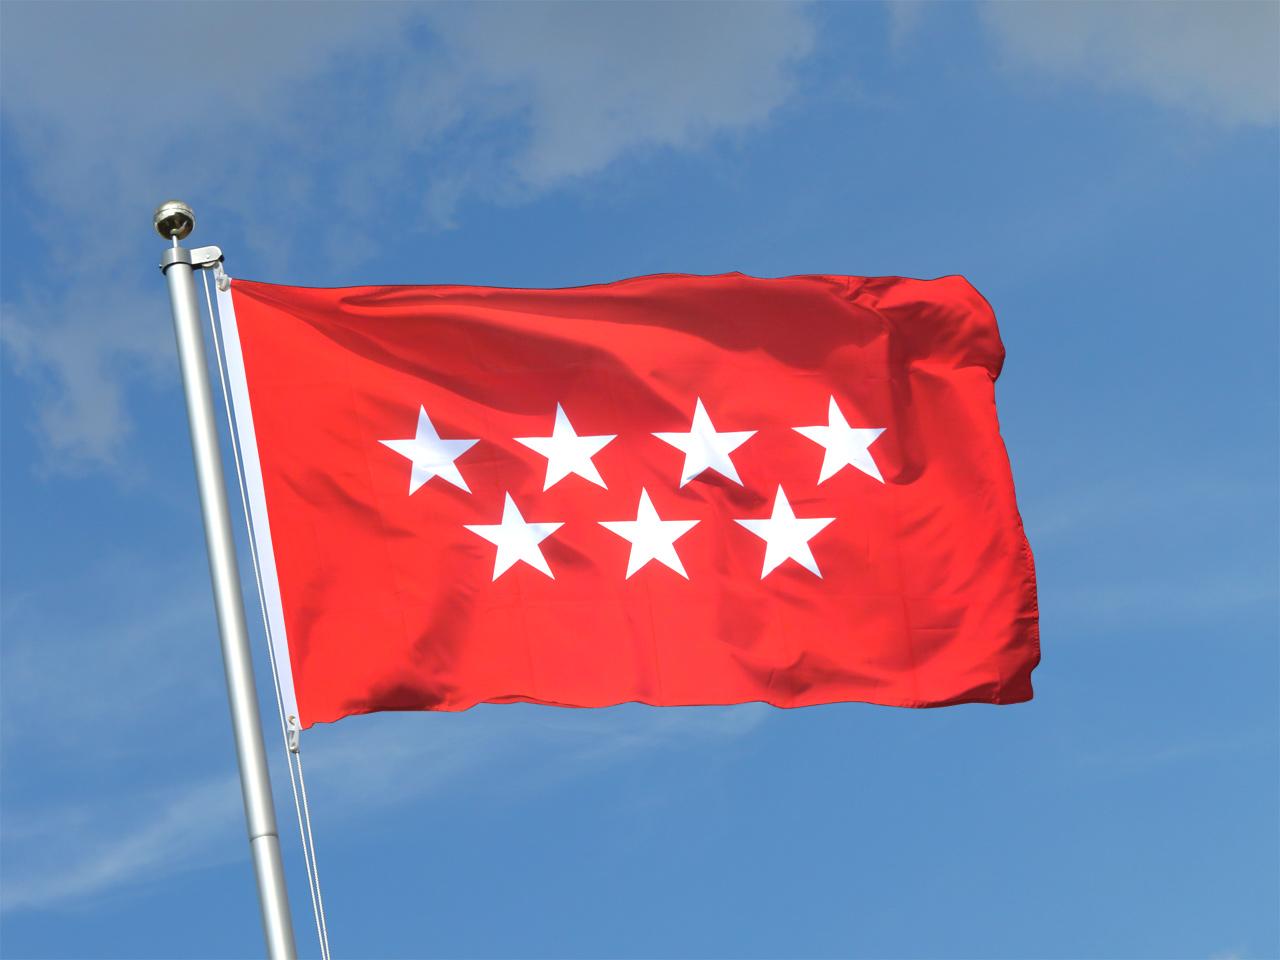 Madrid flagge madrilenische fahne kaufen fahnen shop for Dekoration spanien